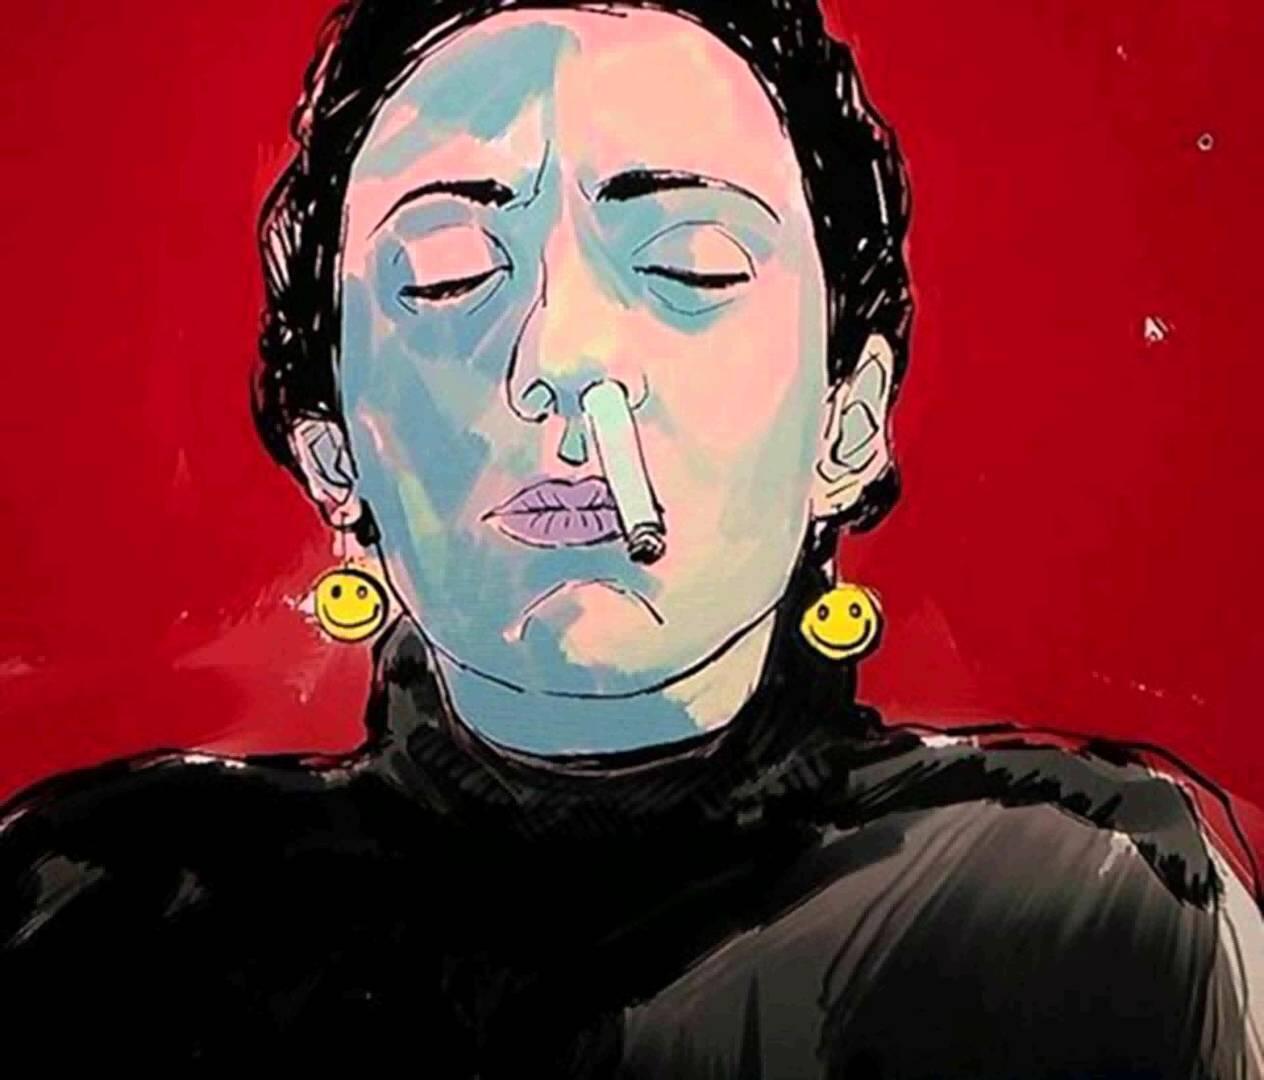 Sur la toile, la chanson de Blue Luka Hashrab Hashish a été écoutée plus de 3 millions de fois.